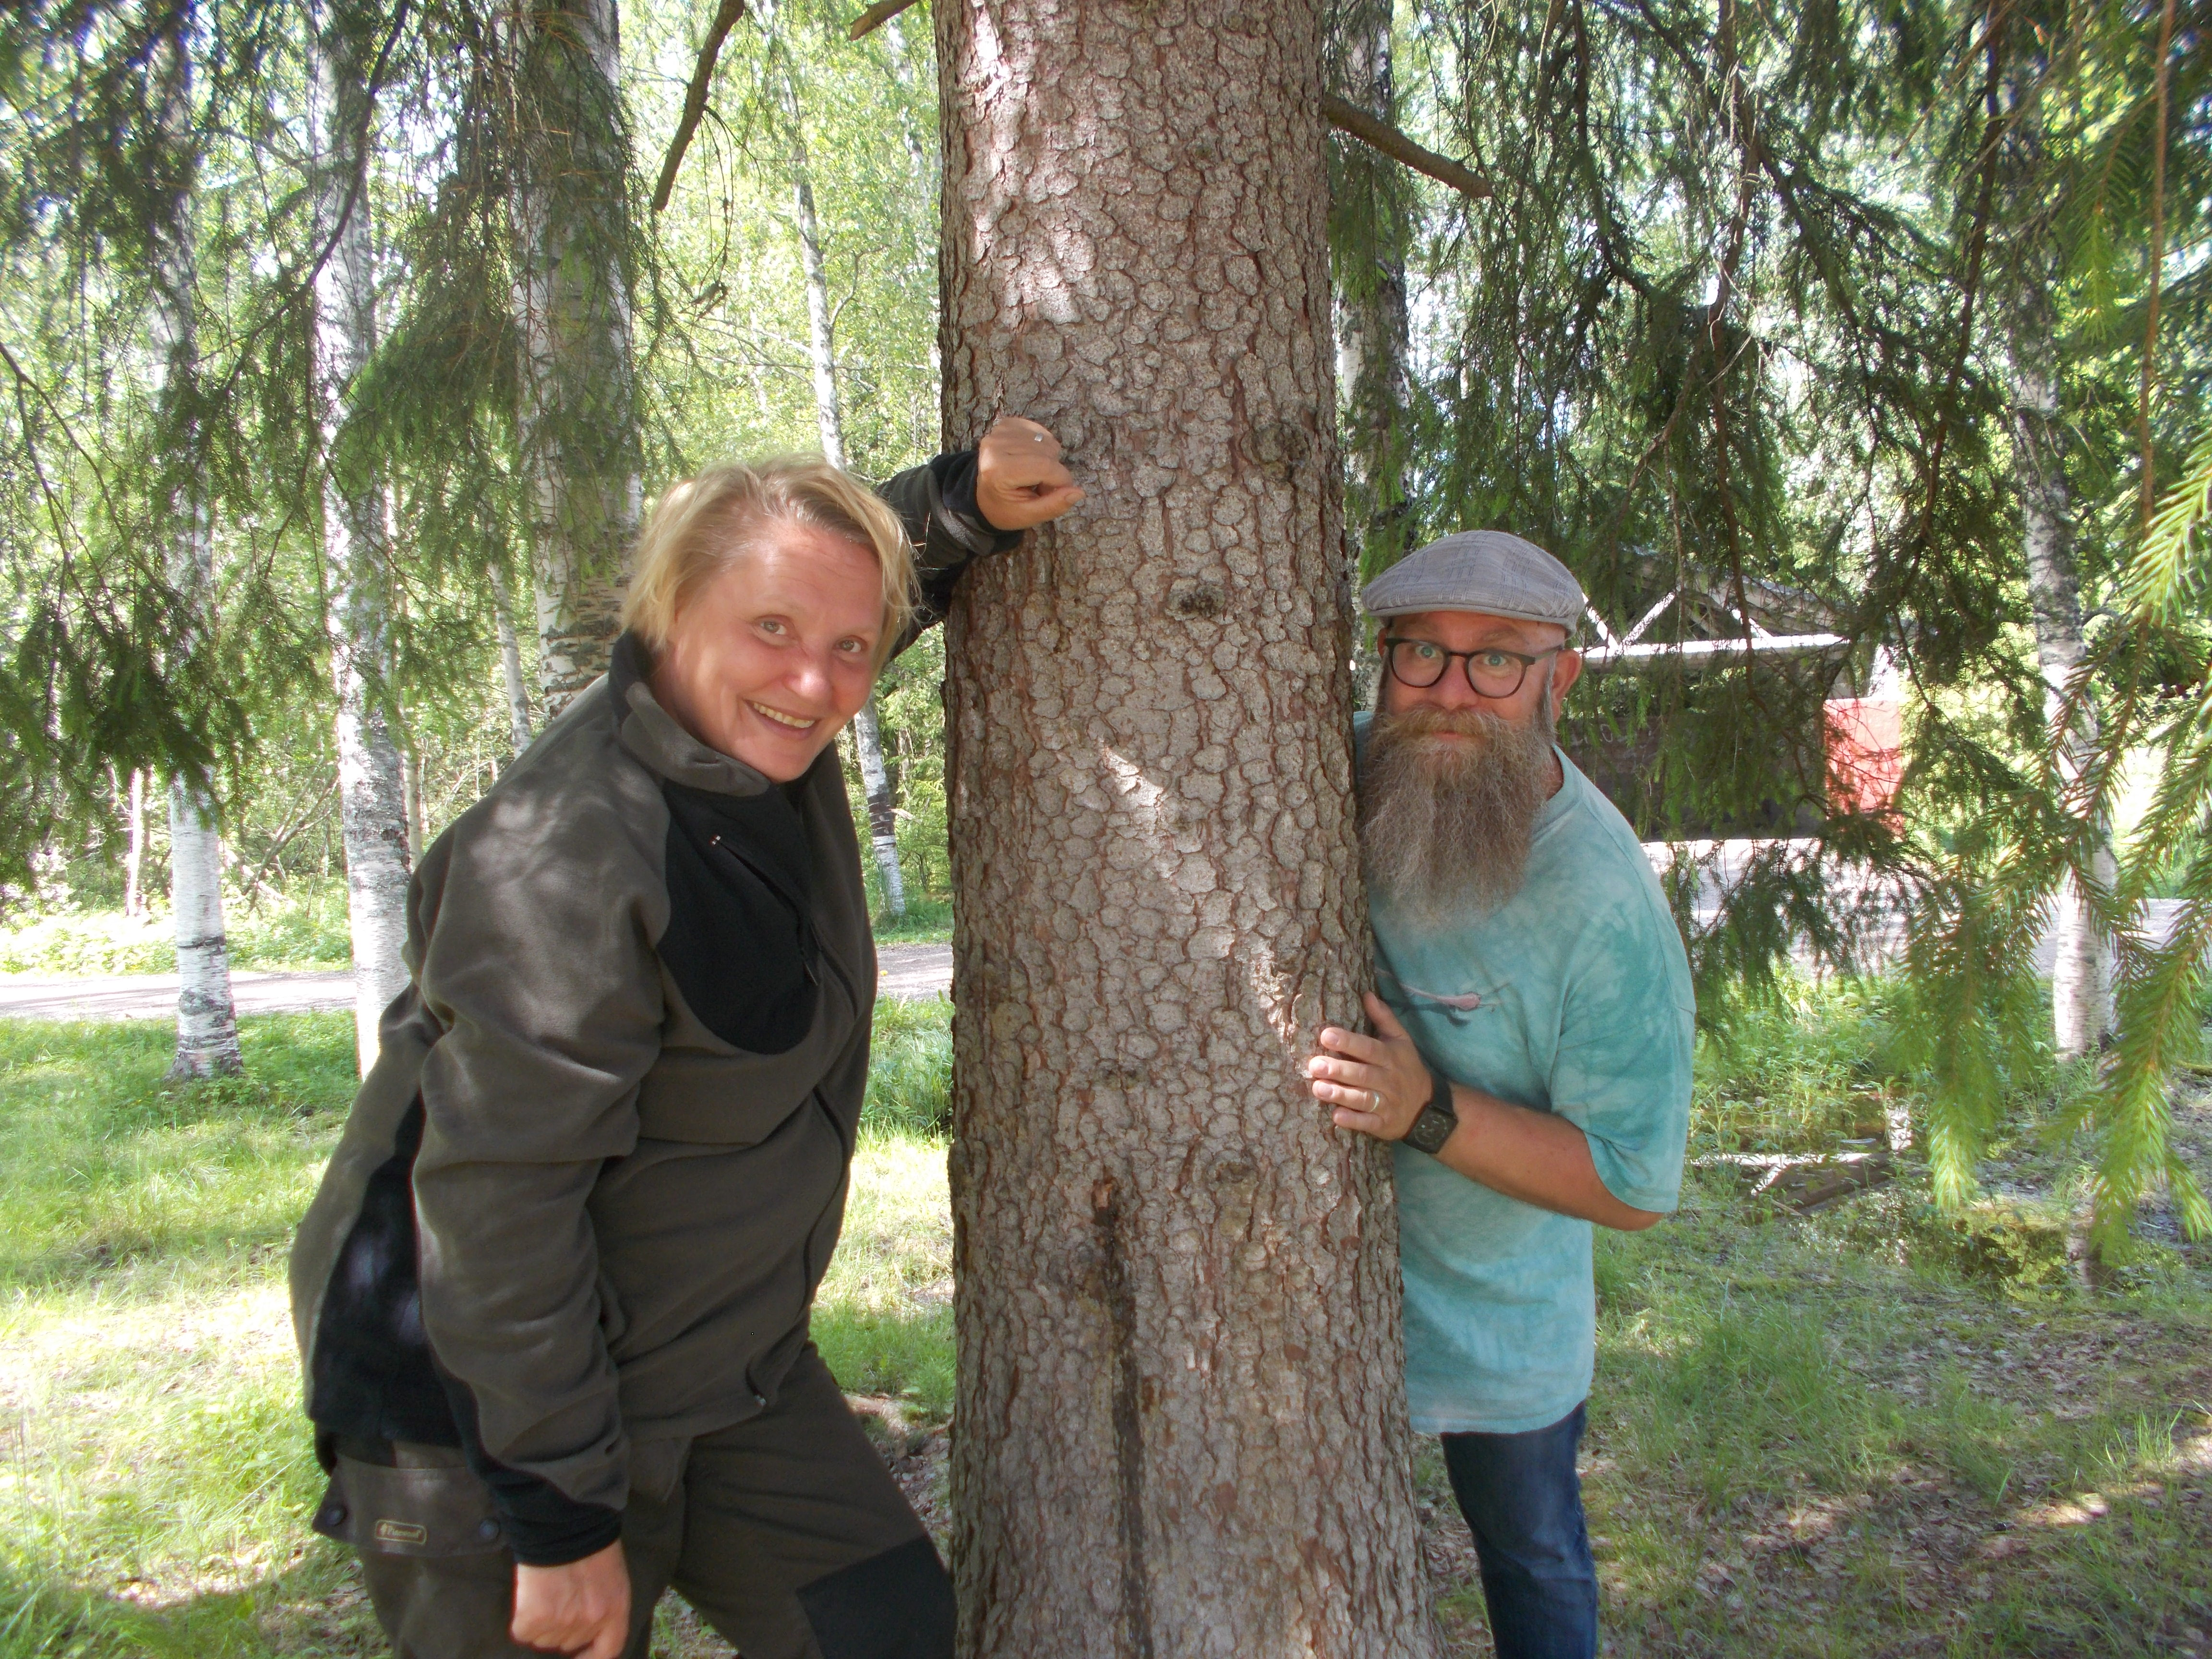 Ulla och Fredrik står bredvid en tall i en skog